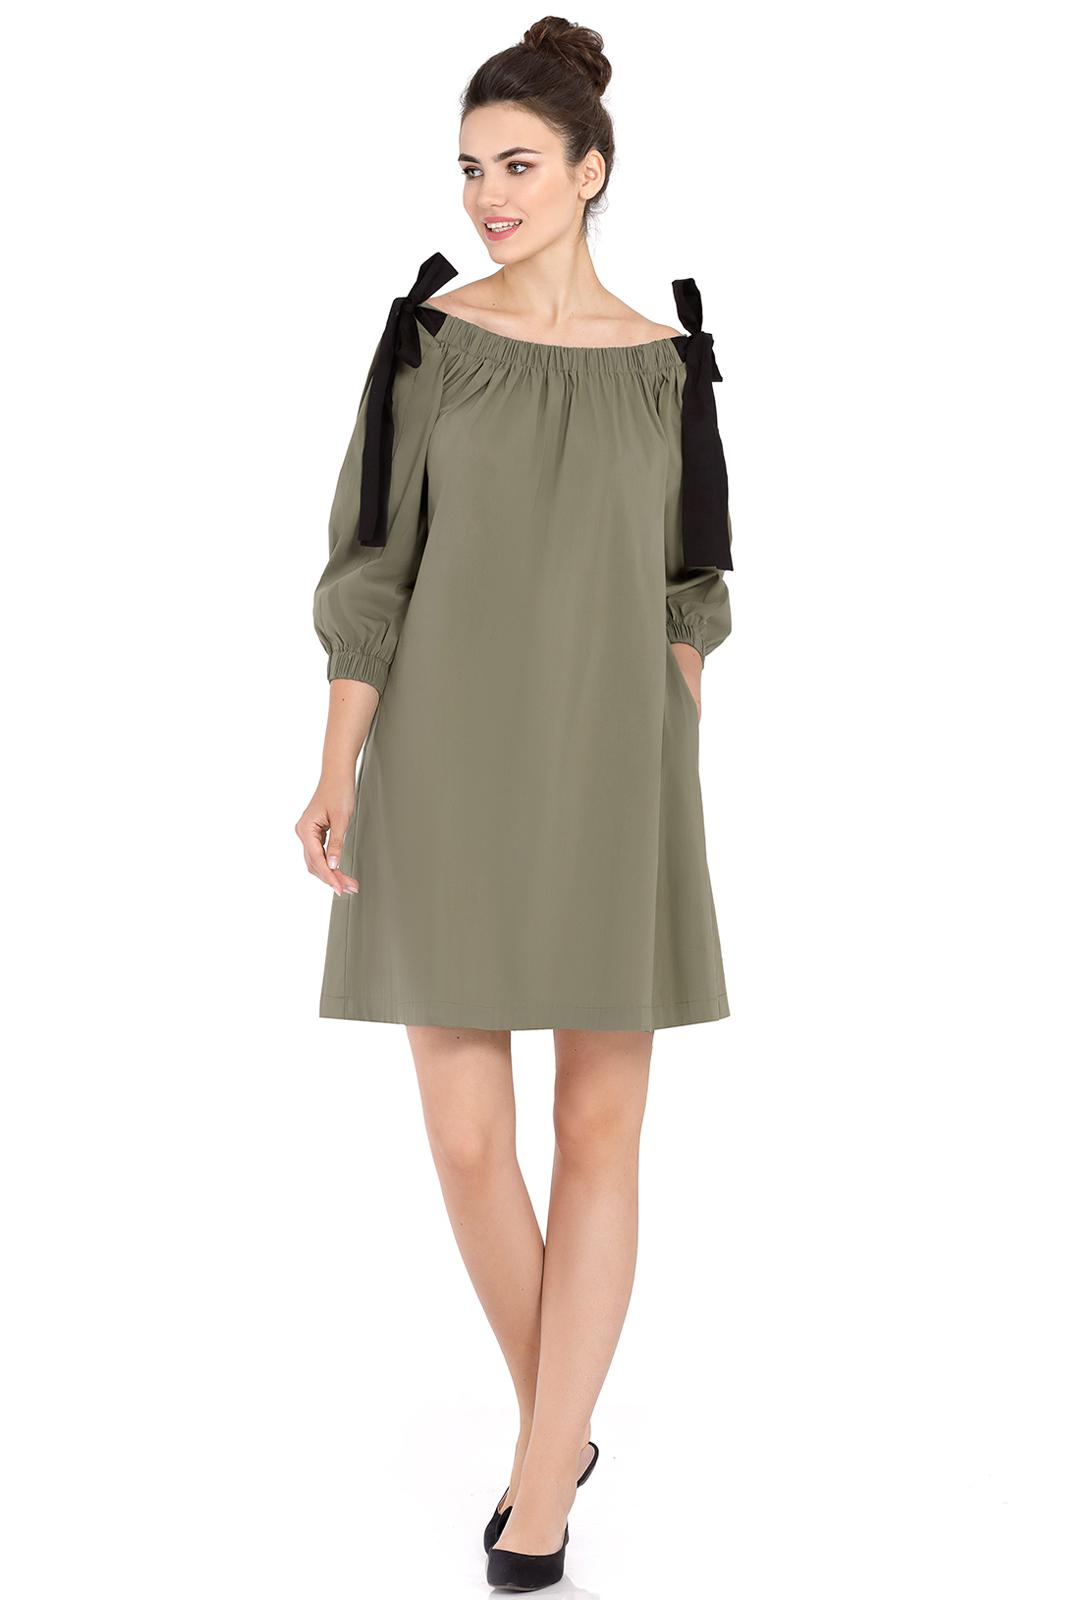 Купить Платье Pirs, 403 хаки, Беларусь